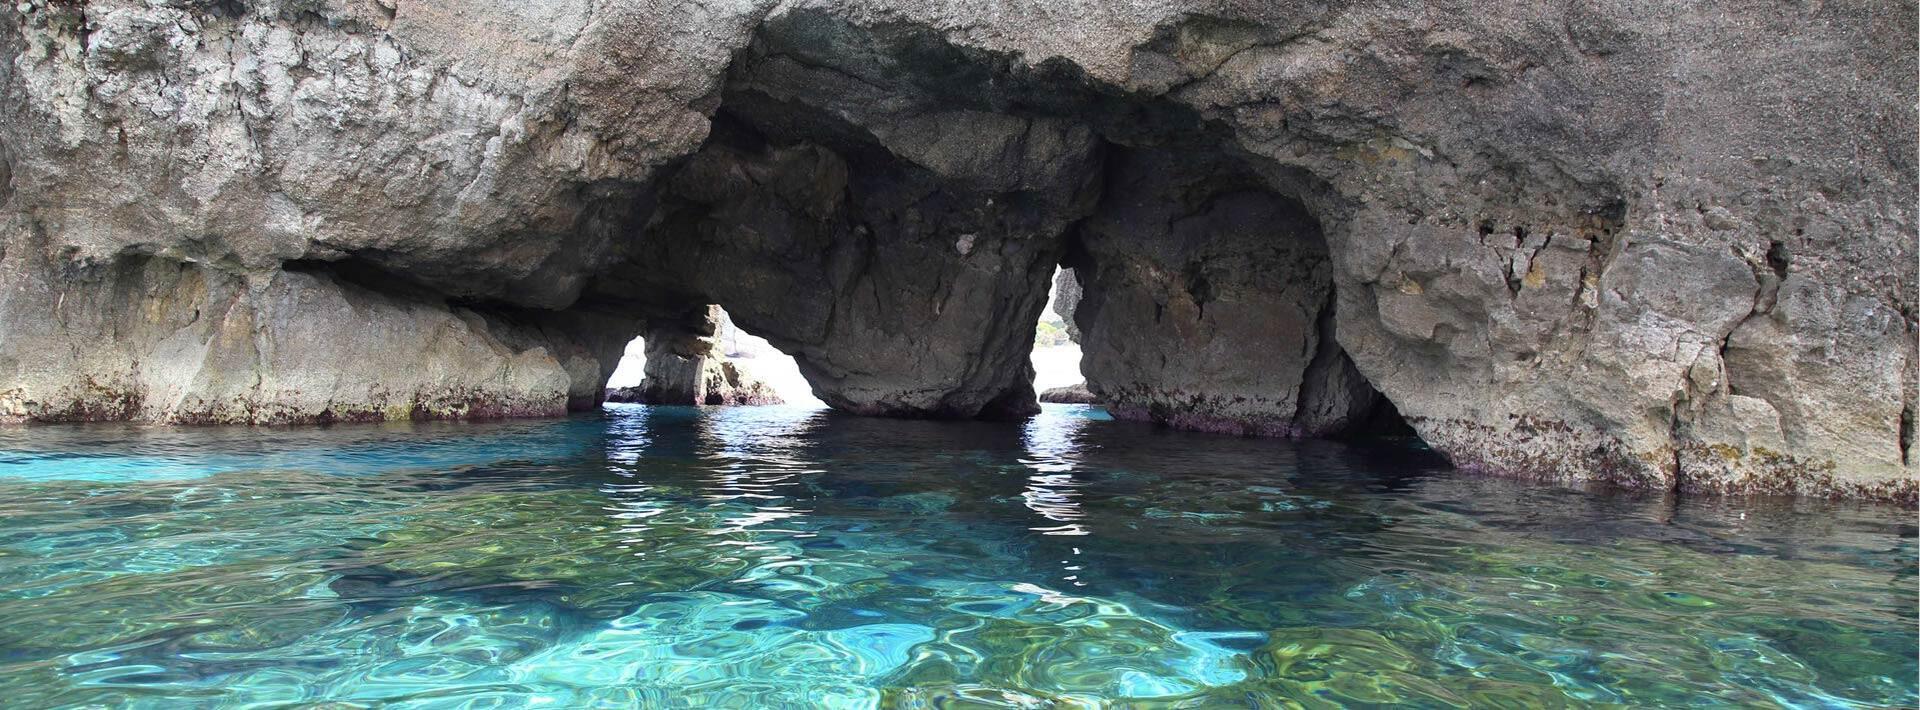 villaggioilgabbiano it itinerario-del-mare_i1 011